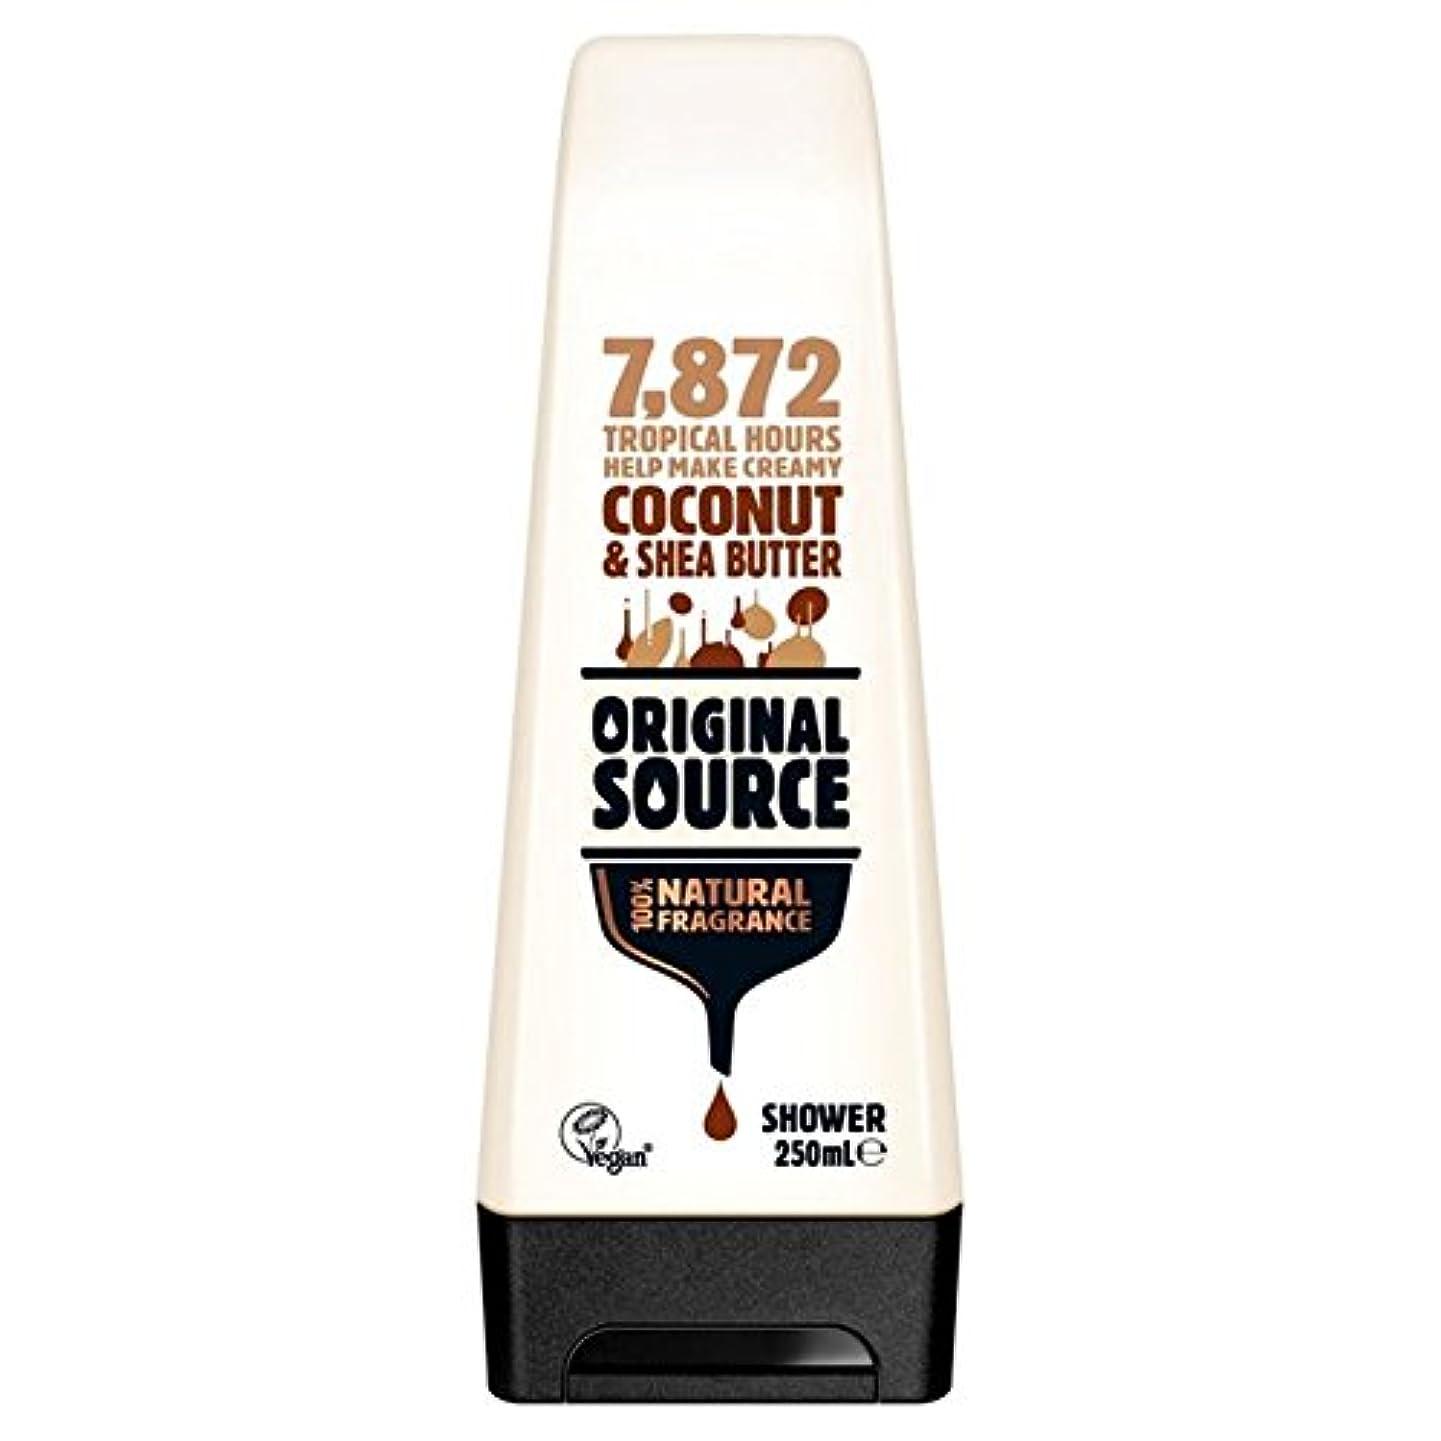 インスタンス愛されし者納税者元のソース保湿ココナッツ&シアバターシャワージェル250ミリリットル x2 - Original Source Moisturising Coconut & Shea Butter Shower Gel 250ml (Pack of 2) [並行輸入品]